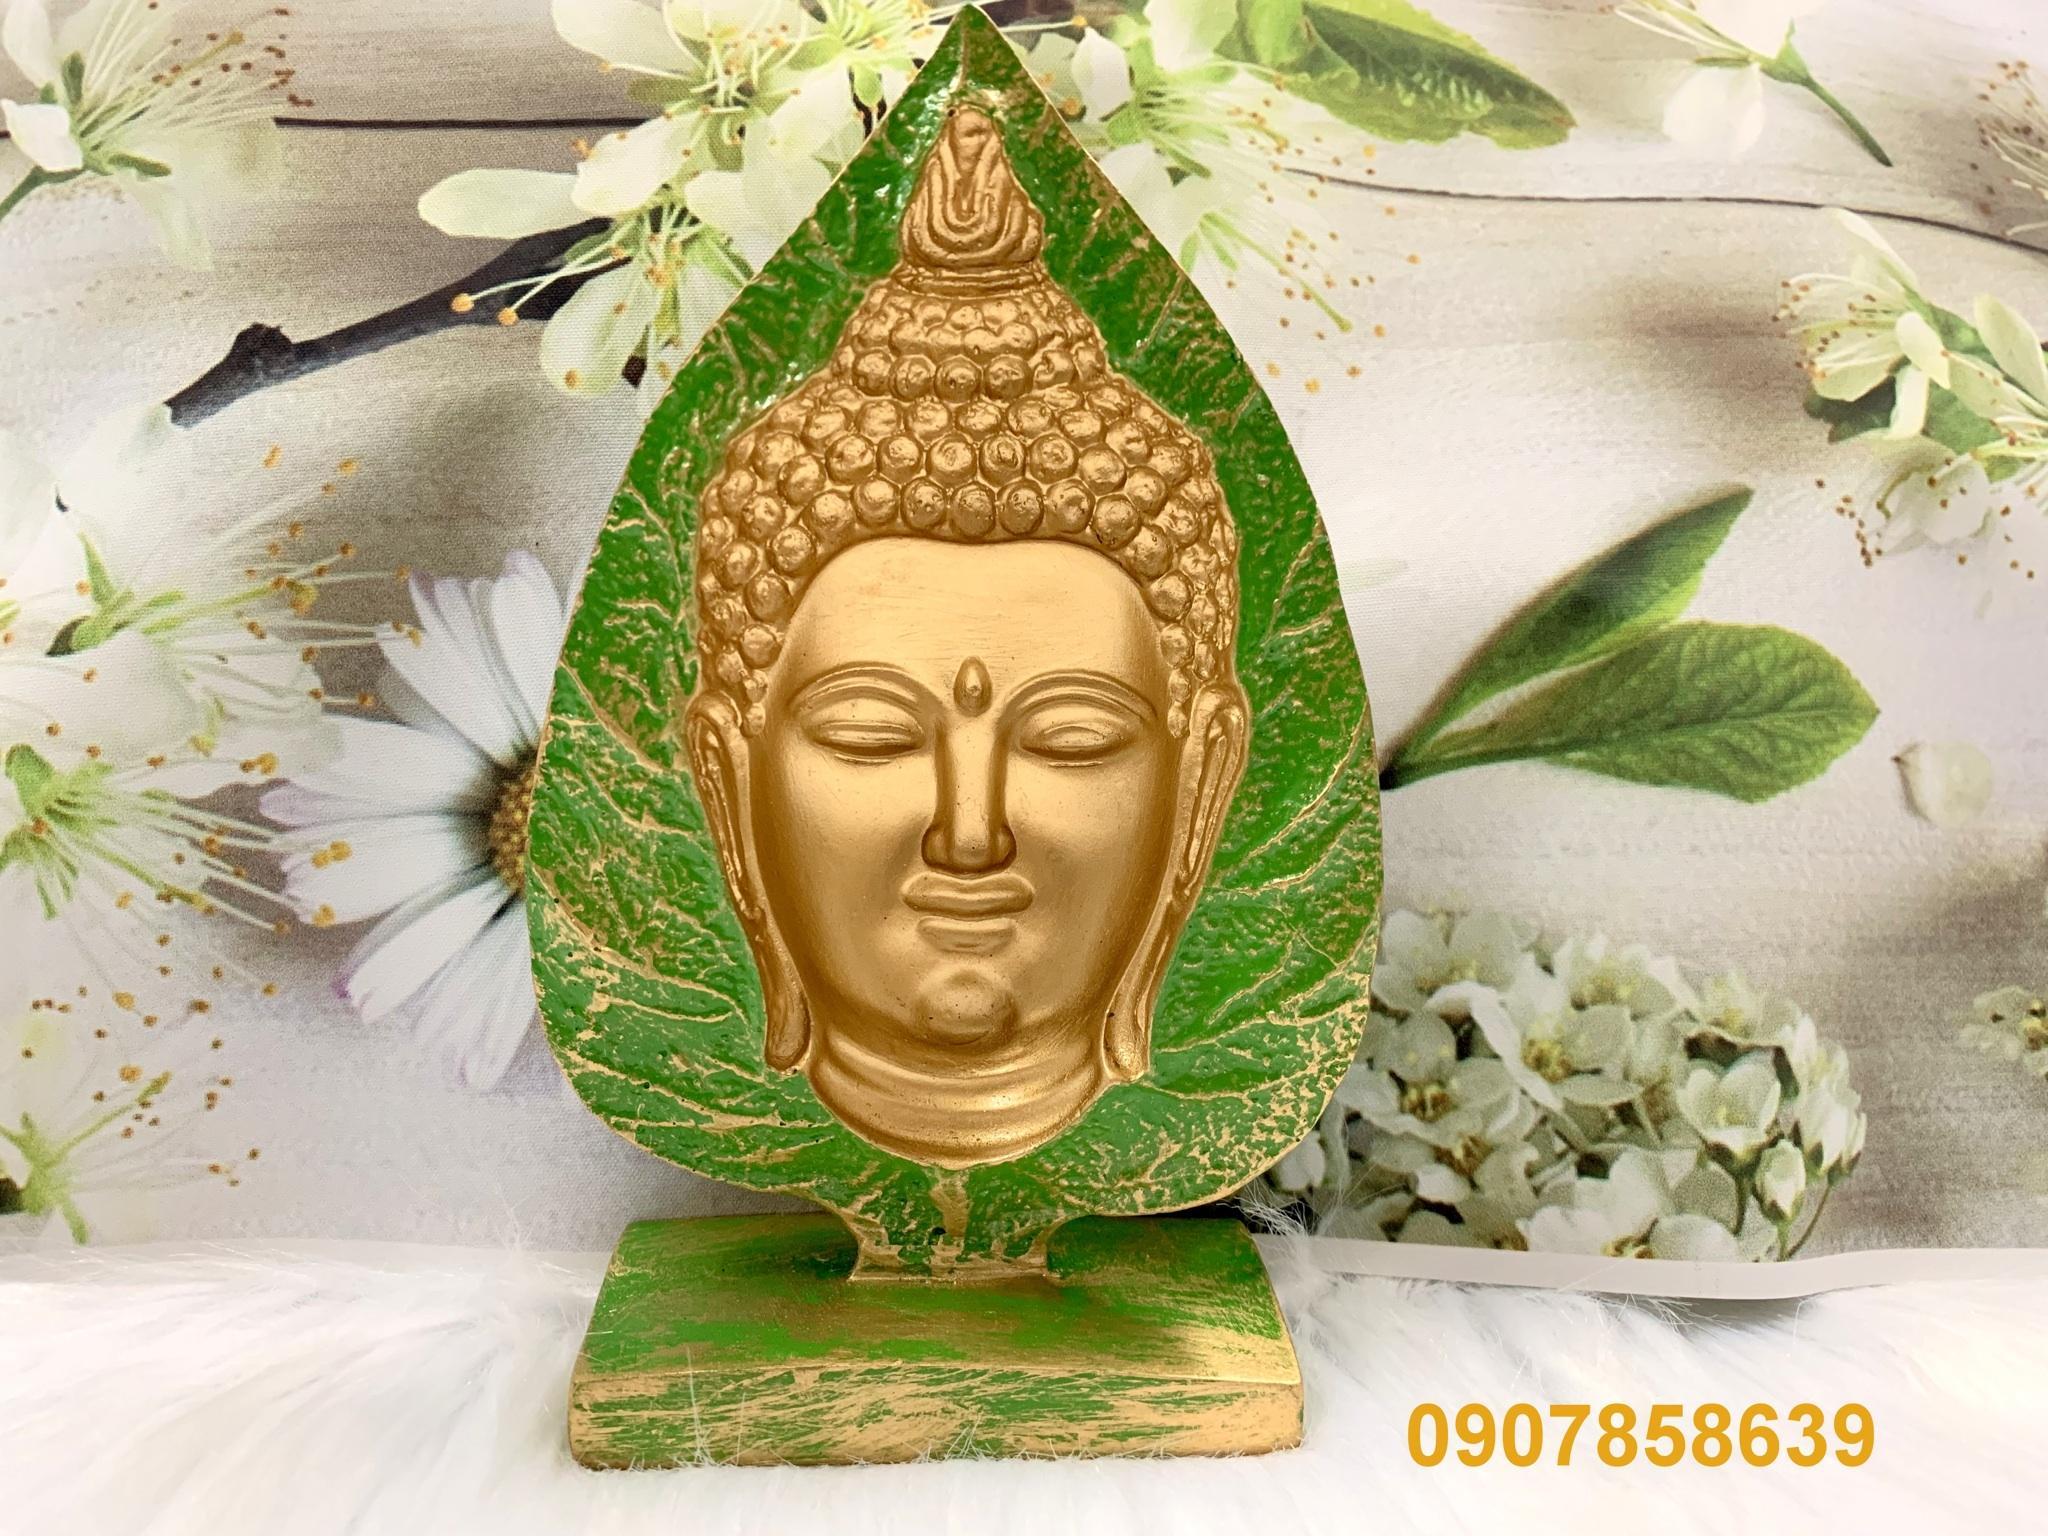 Mua Tượng Phật Thích Ca 3D Lá Bồ Đề